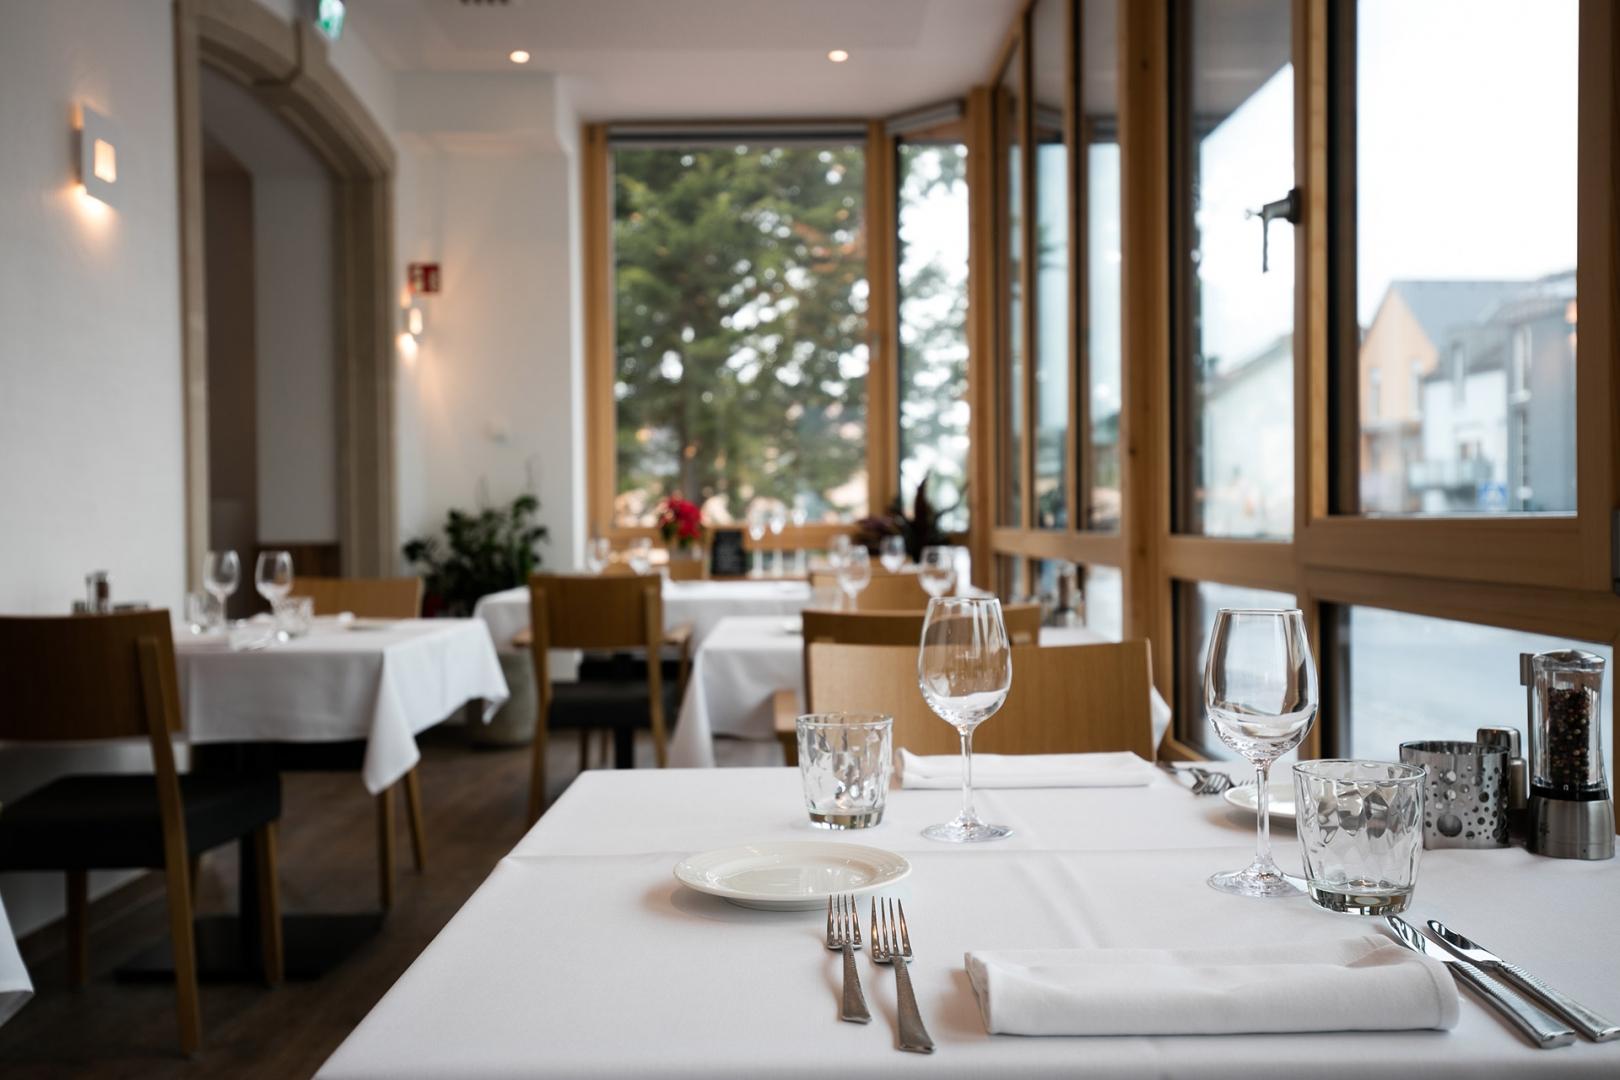 Restaurant terrace restaurant bettendorf for Hotel terrace and restaurant